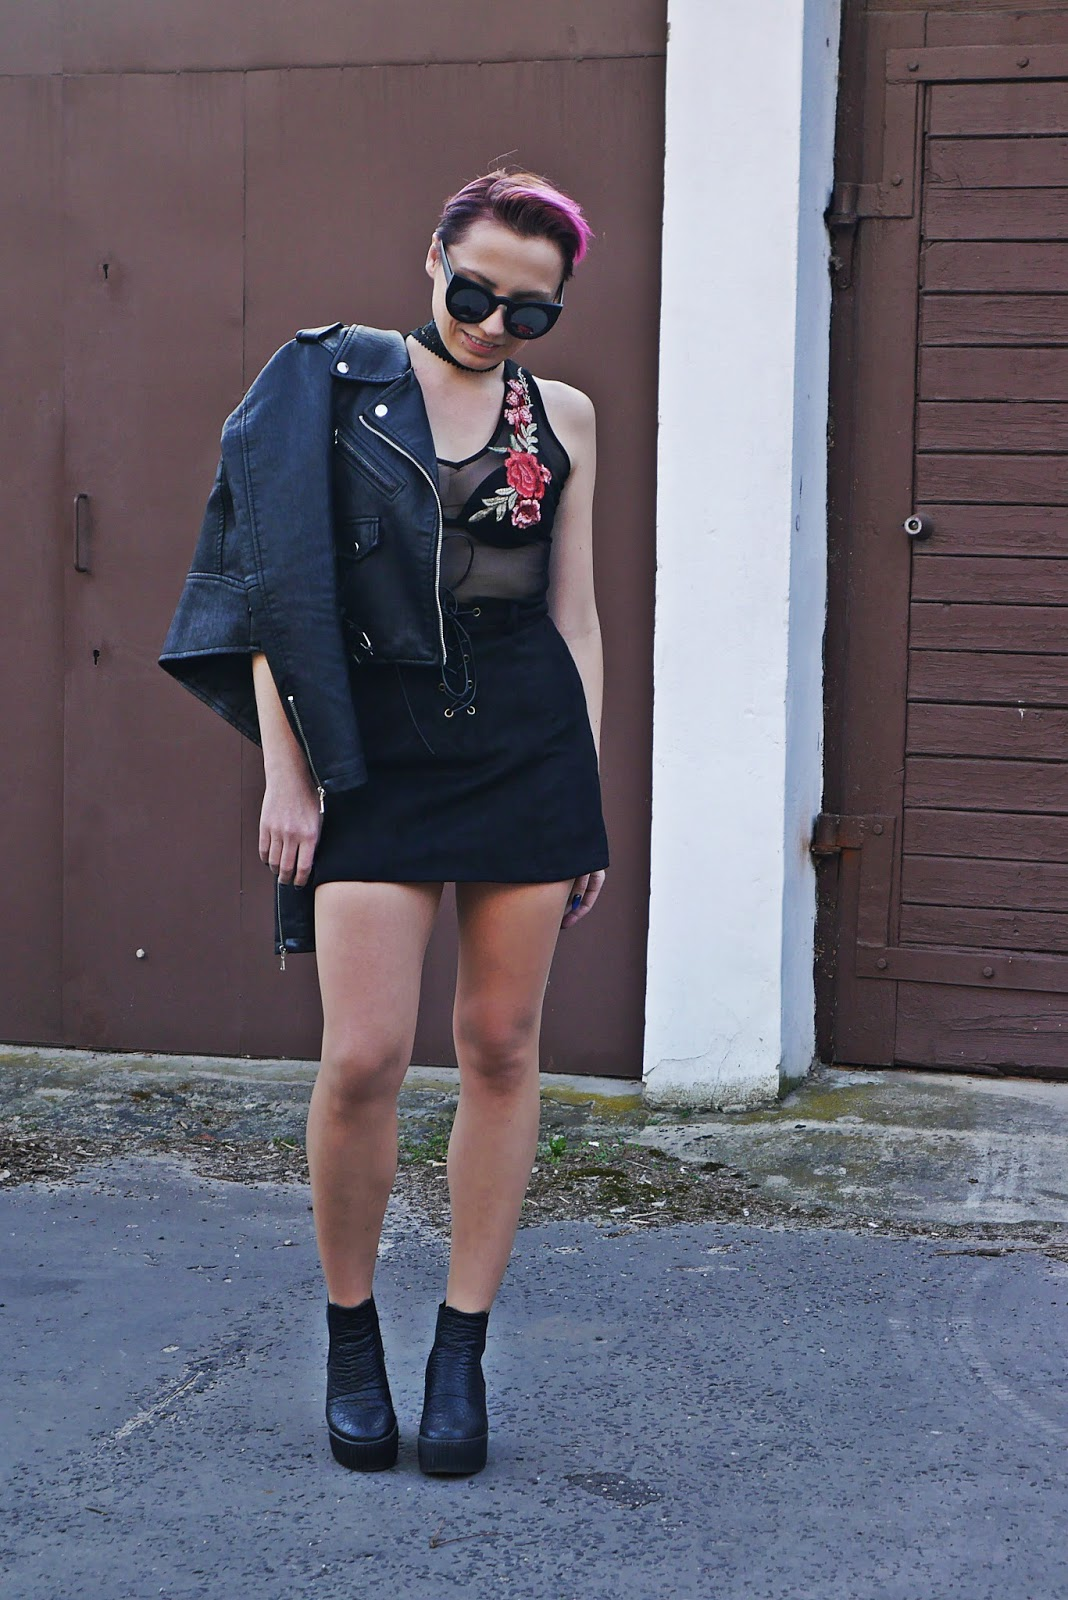 buty_platformy_look_ootd_karyn_czarna_spodnica_naszywki_outfit_ramoneska_180417